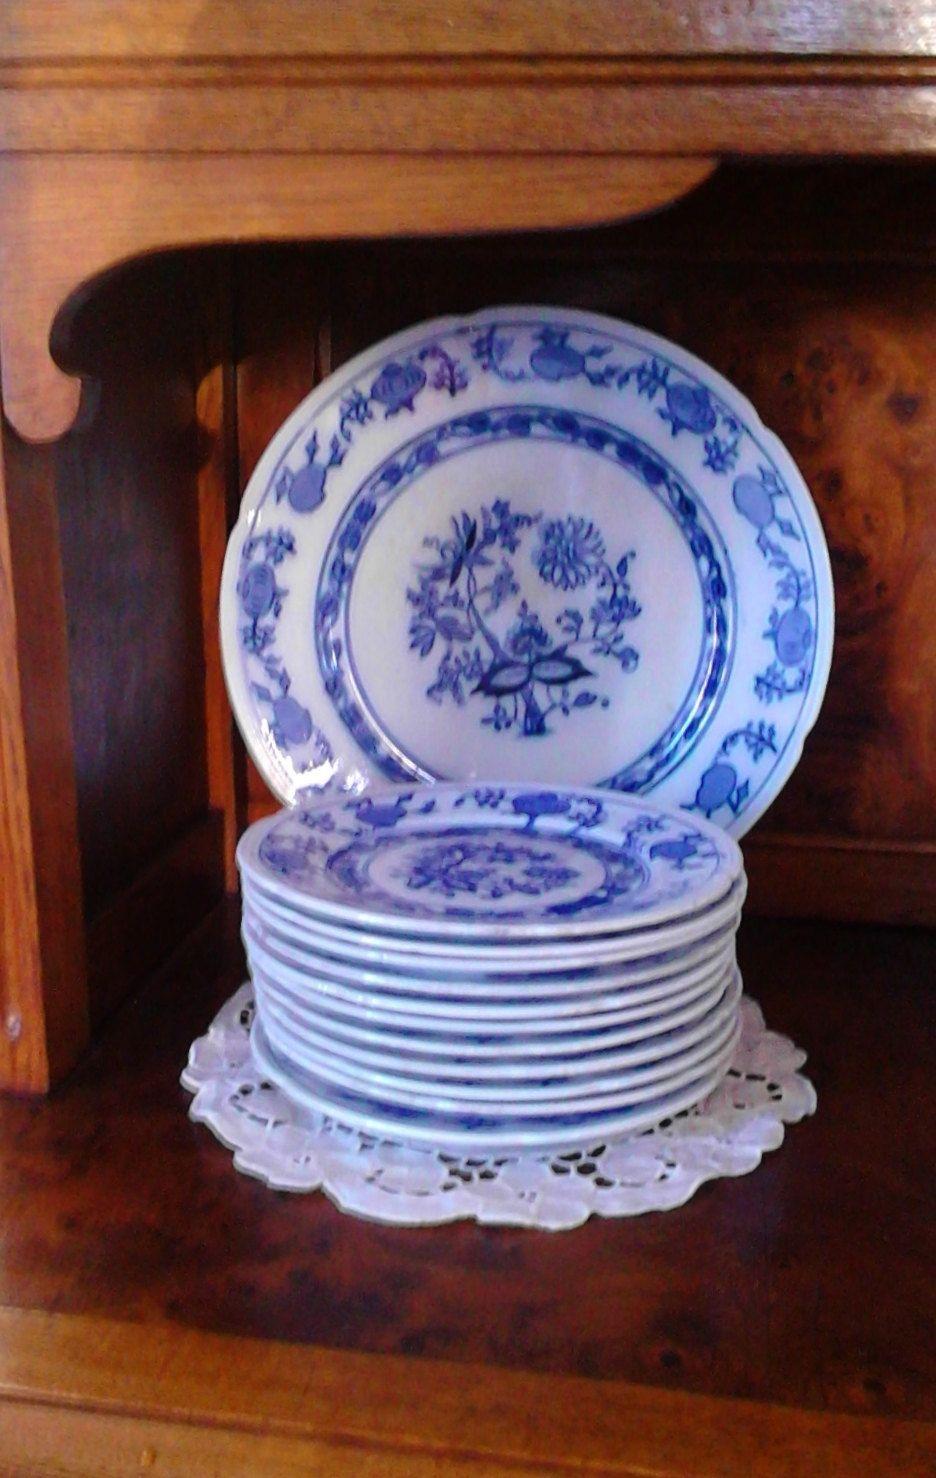 Antichi Piatti 11 Piattini Da Dolce 1 Vassoio Laveno Made In Italy Decoro Meissen Cipolla Bianco E Blu Di Vintagetranslate Decor Decorative Plates Plates